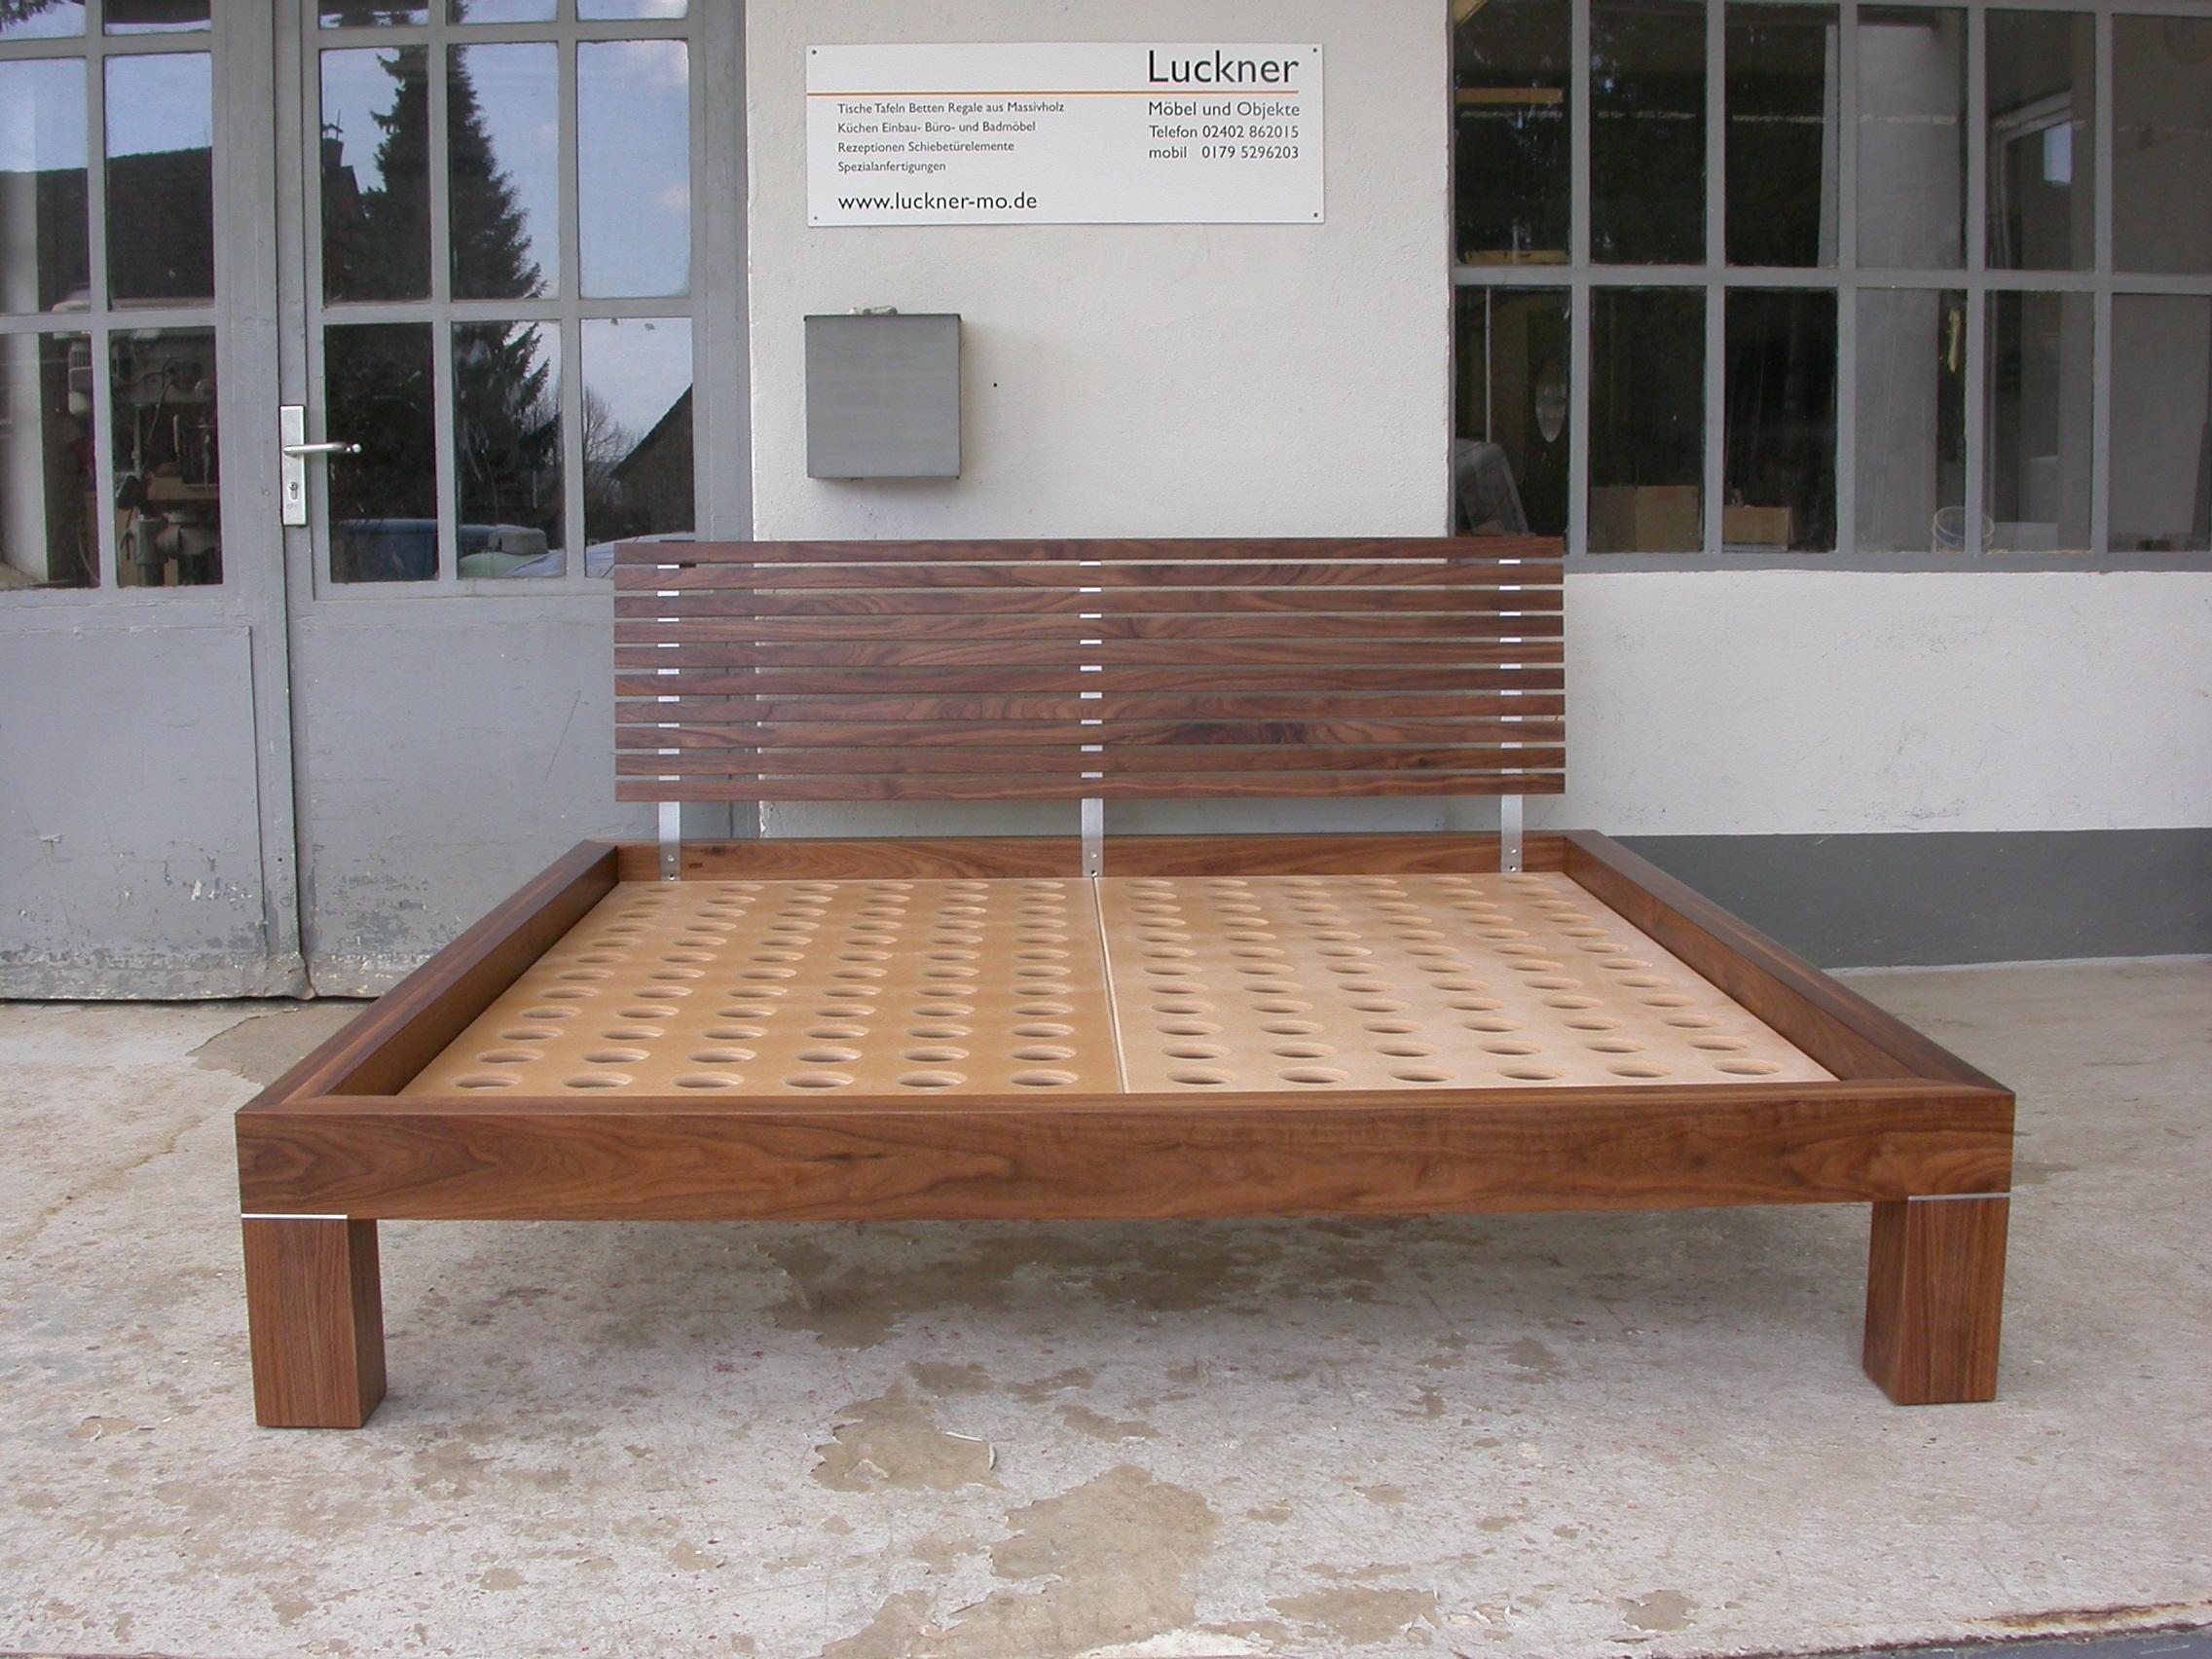 Bett Carlos aus amerikanischem Nussbaum 180 x 200 cm 2500 Euro inkl. 19% Umsatzsteuer, ab Werkstatt,  ohne MDF Matratzenauflagen.